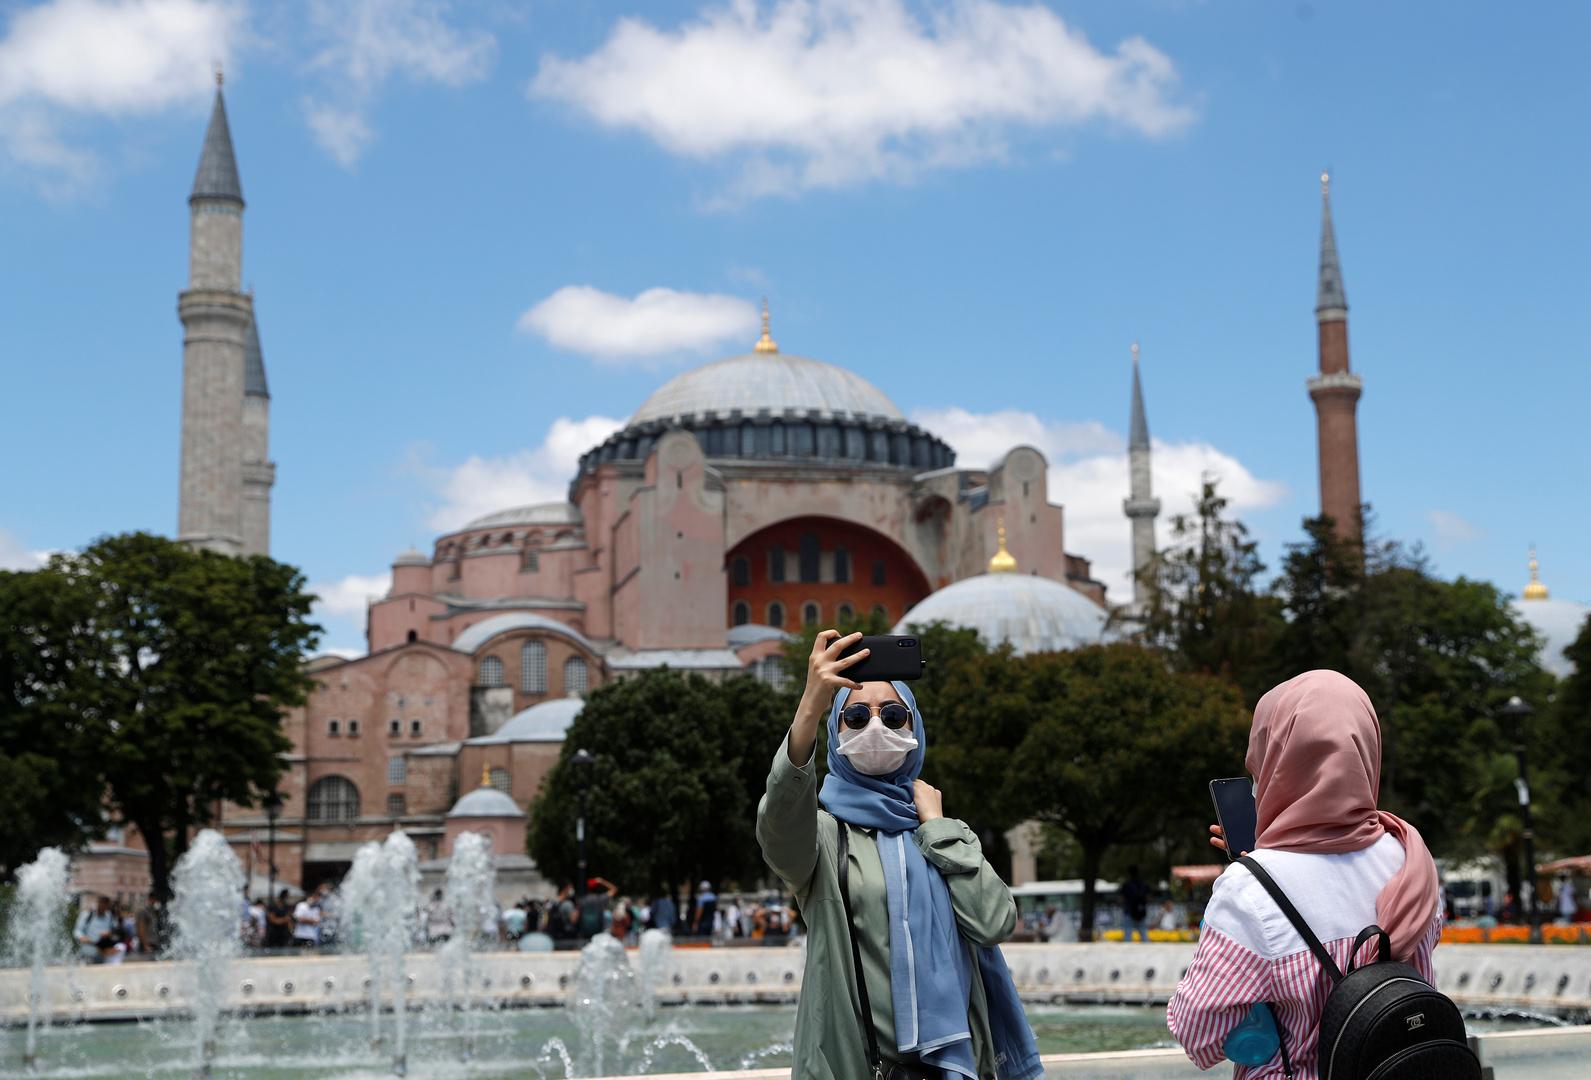 مصر تعلق على قرار أردوغان تحويل آيا صوفيا لمسجد